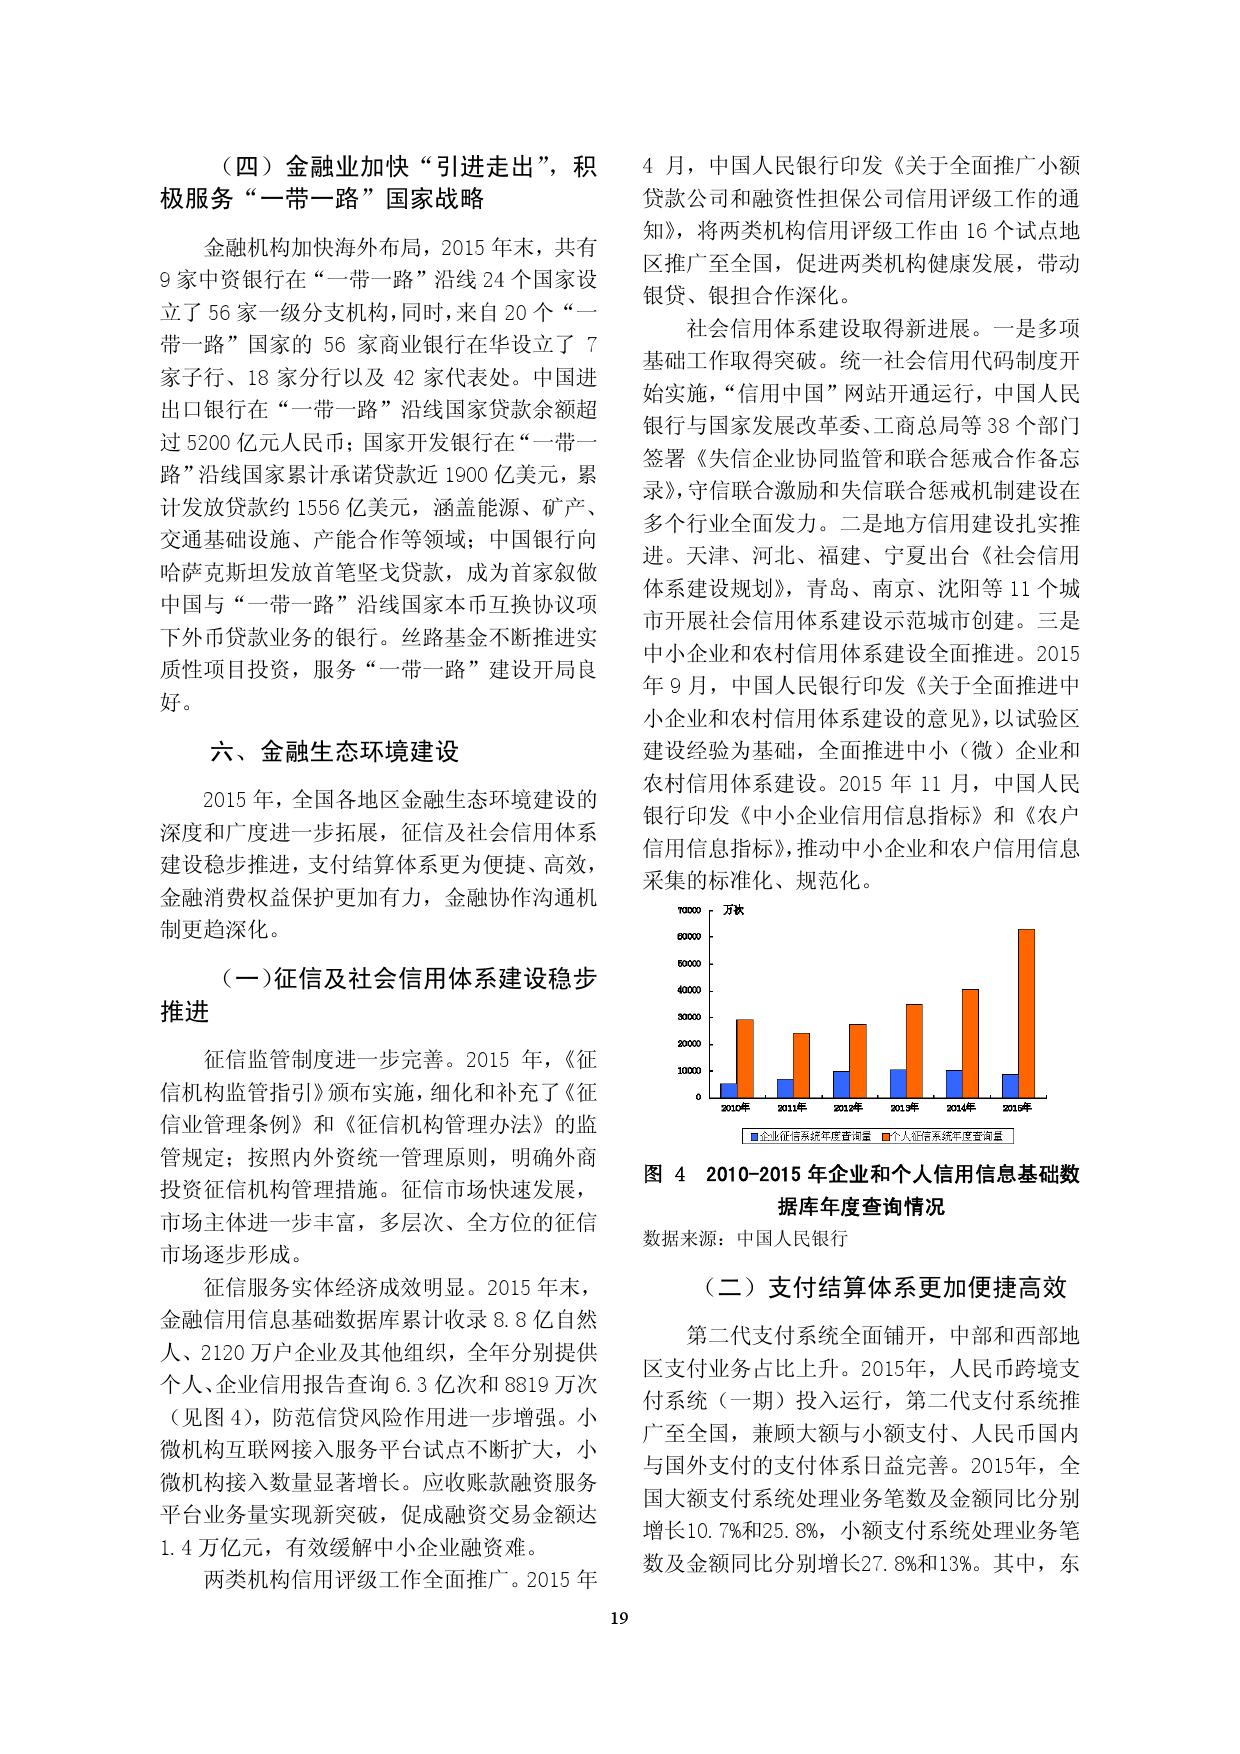 2015年中国区域金融运行报告_000022